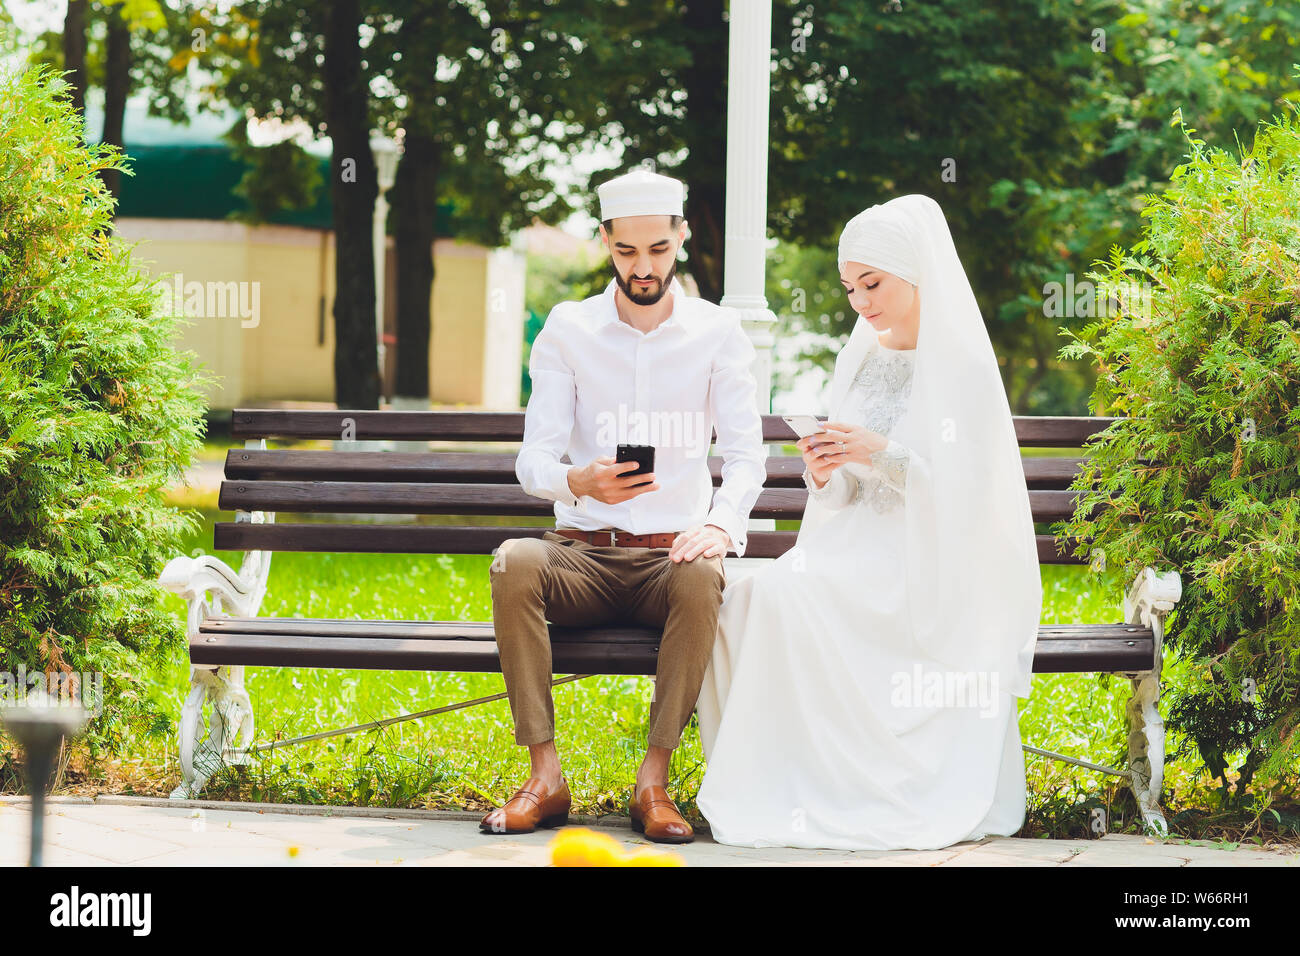 Ehe muslimische Islamische SCHEIDUNG